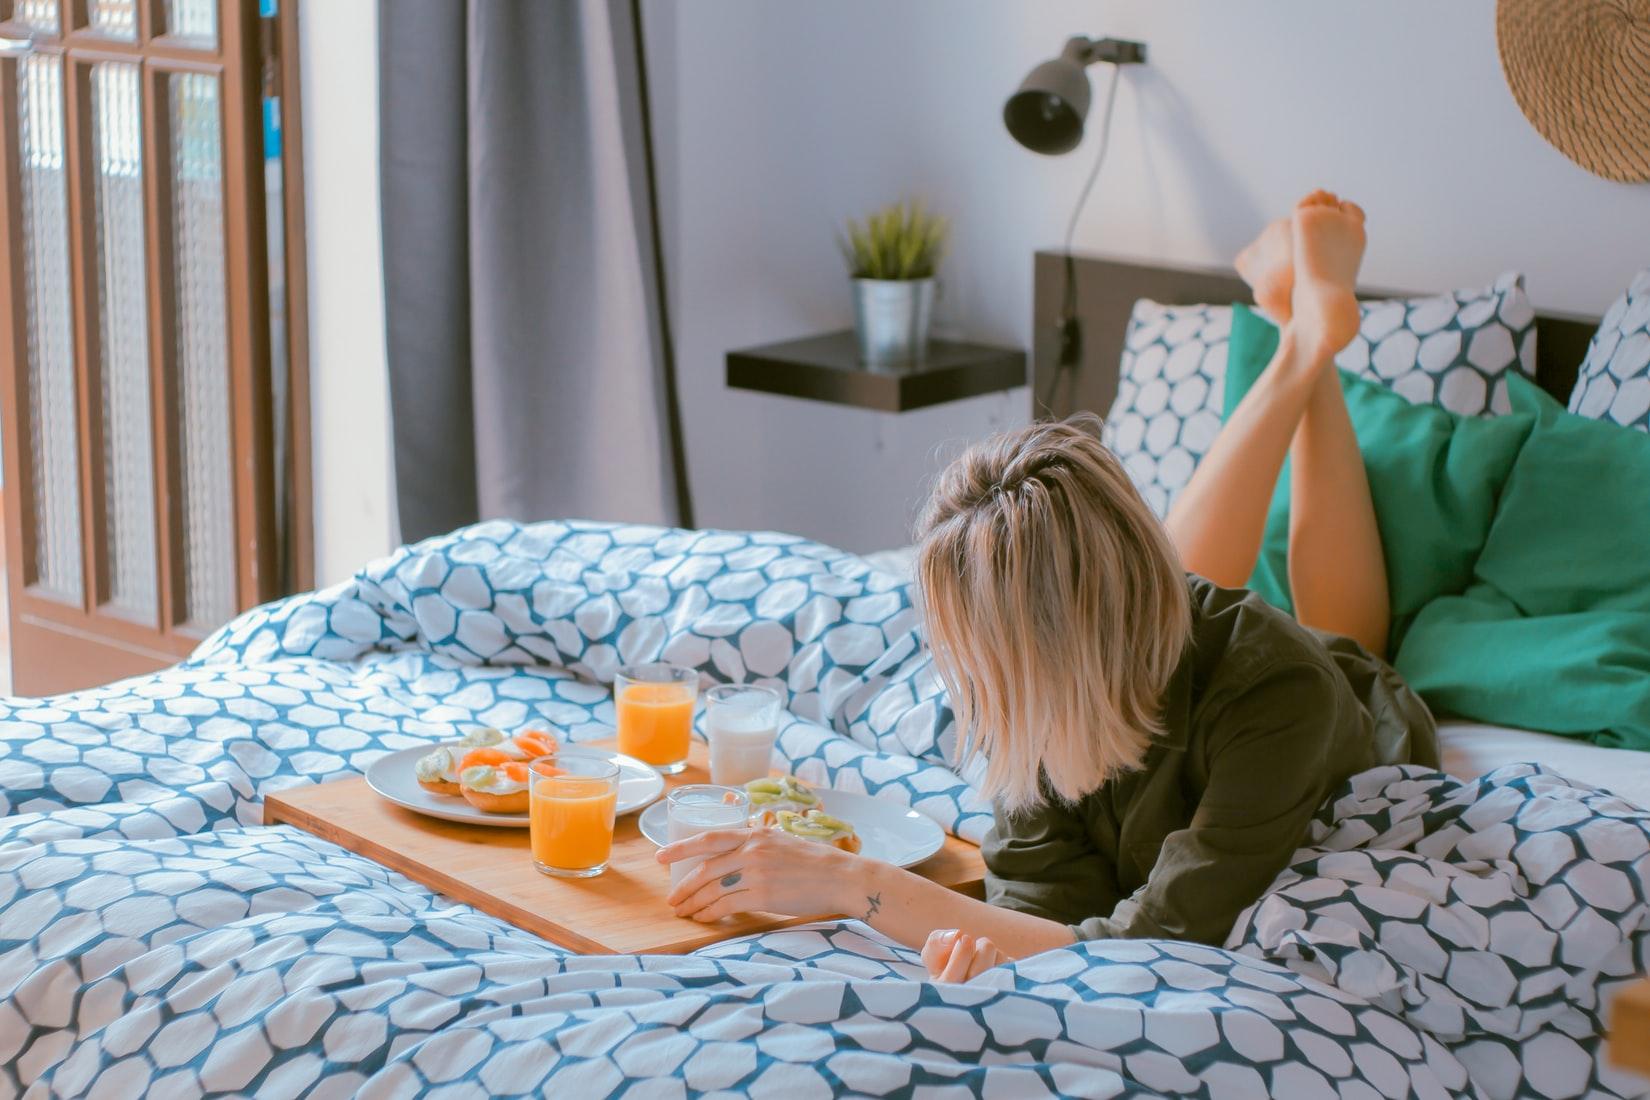 cô gái thư giãn bên cạnh bữa sáng trên giường sau giấc ngủ